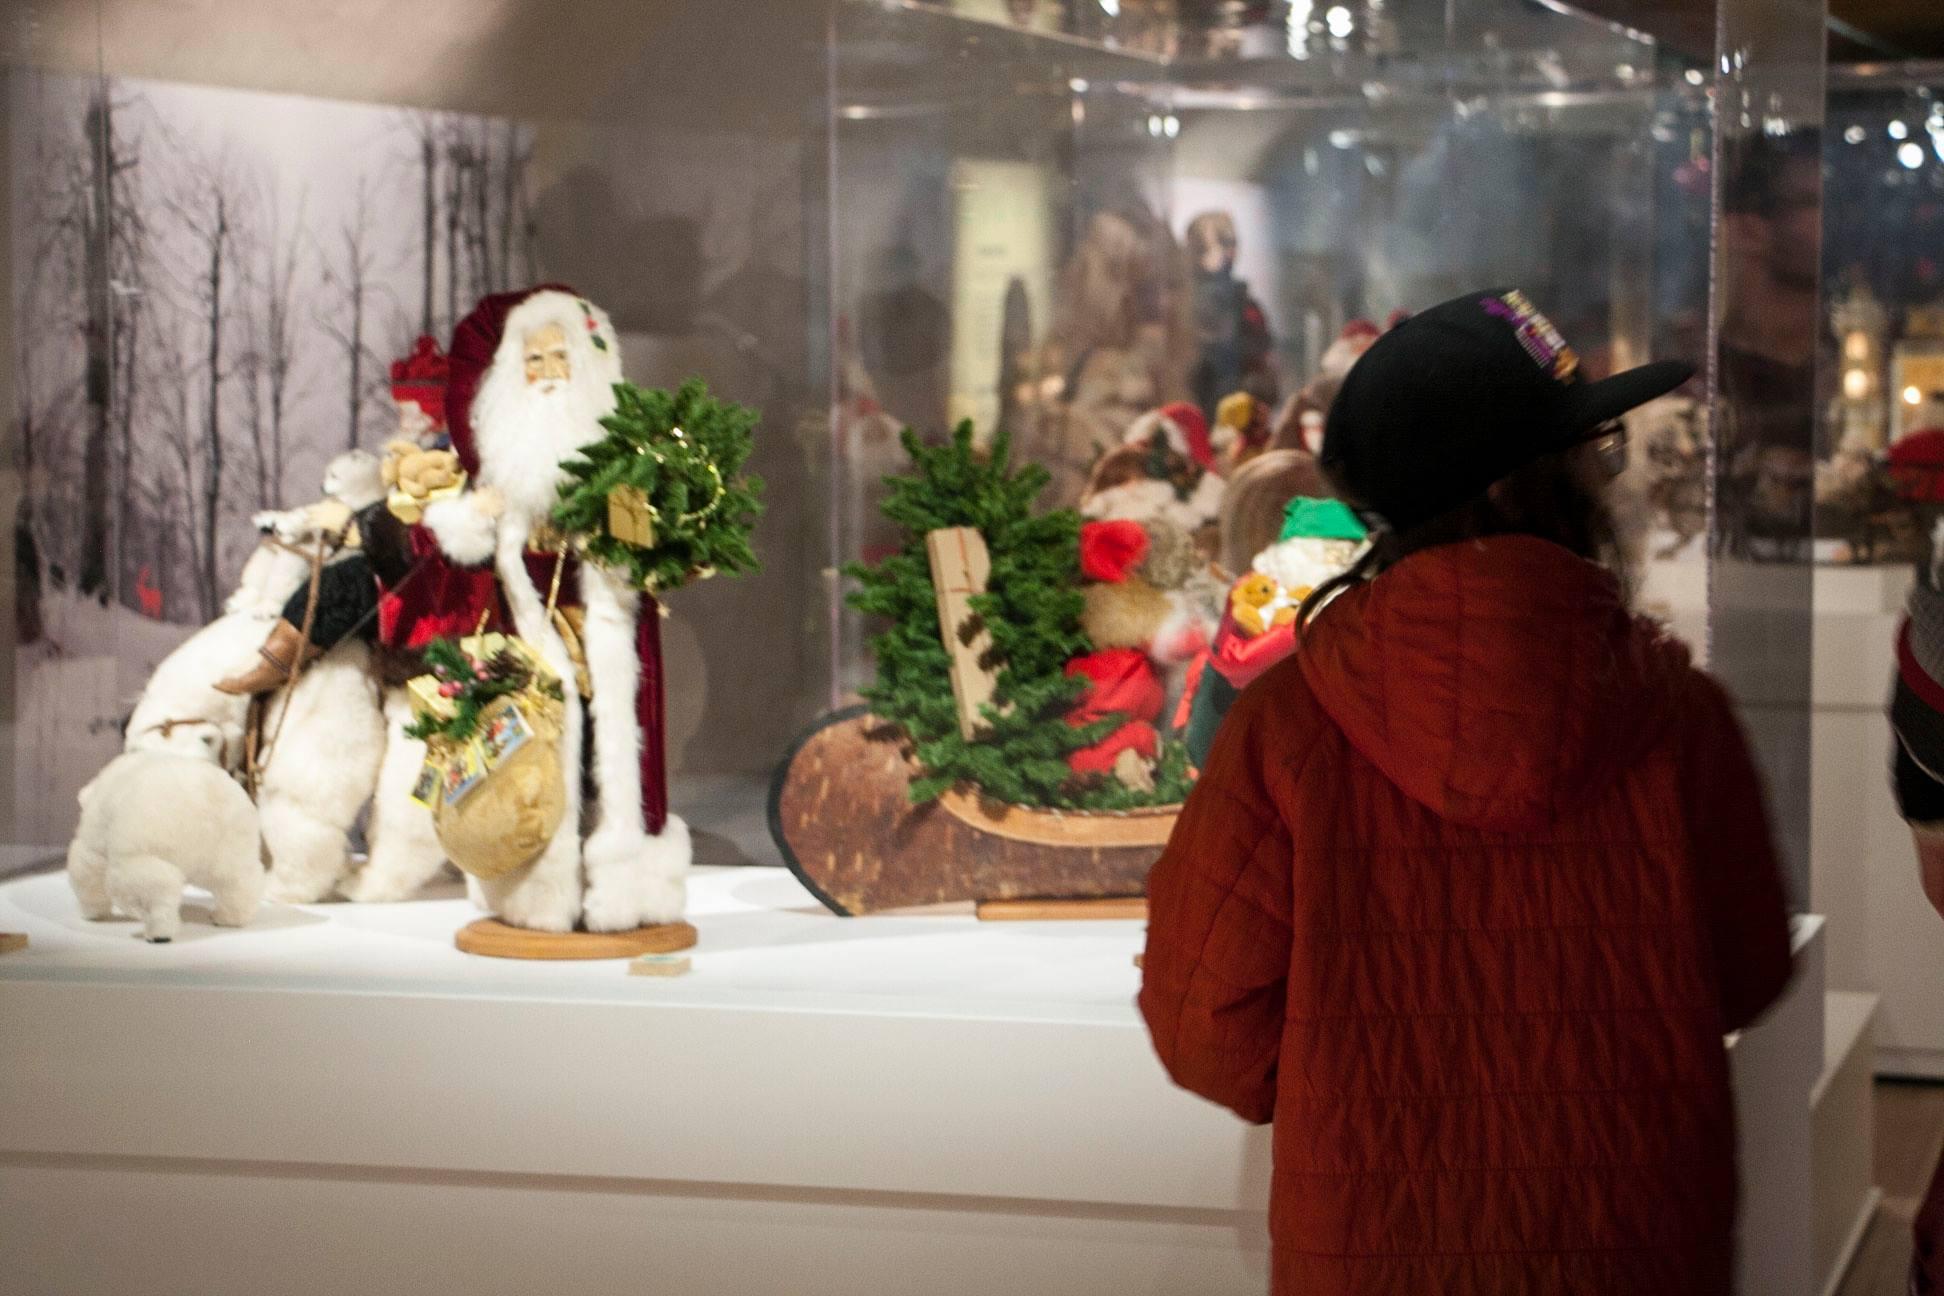 L'exposition les pères Noël s'installent au musée Photo: Facebook Musée Stewart